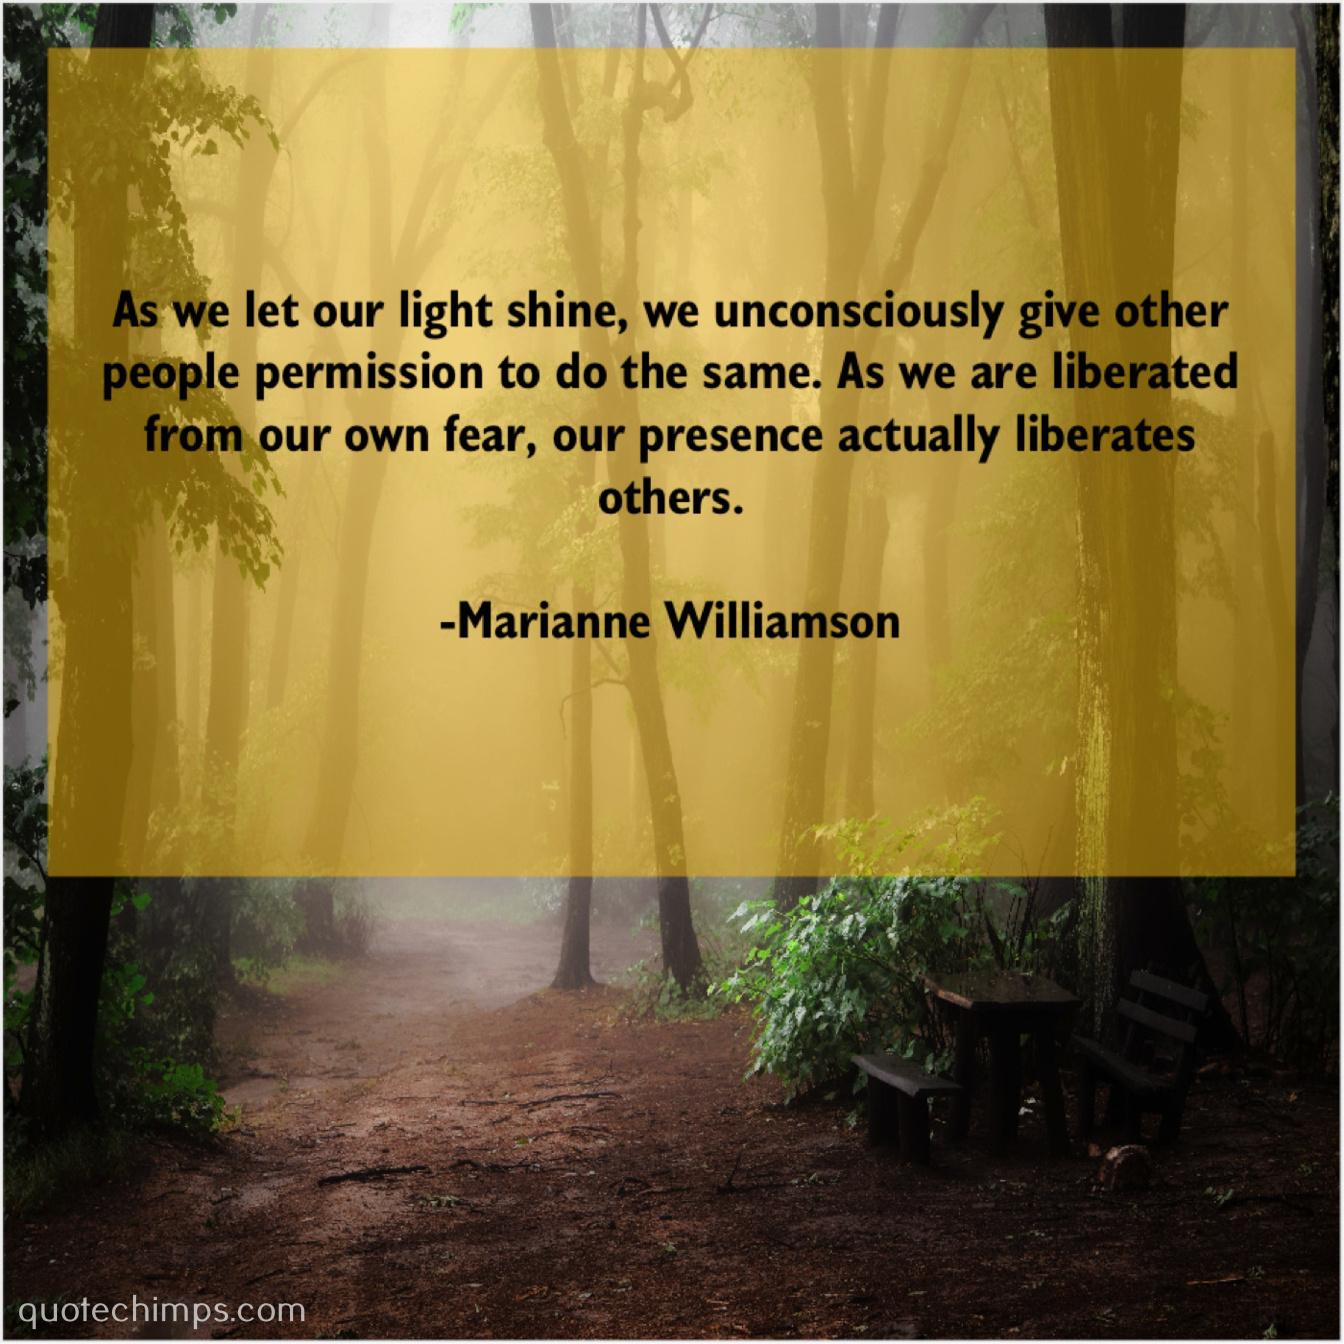 Marianne Williamson Quote Chimps